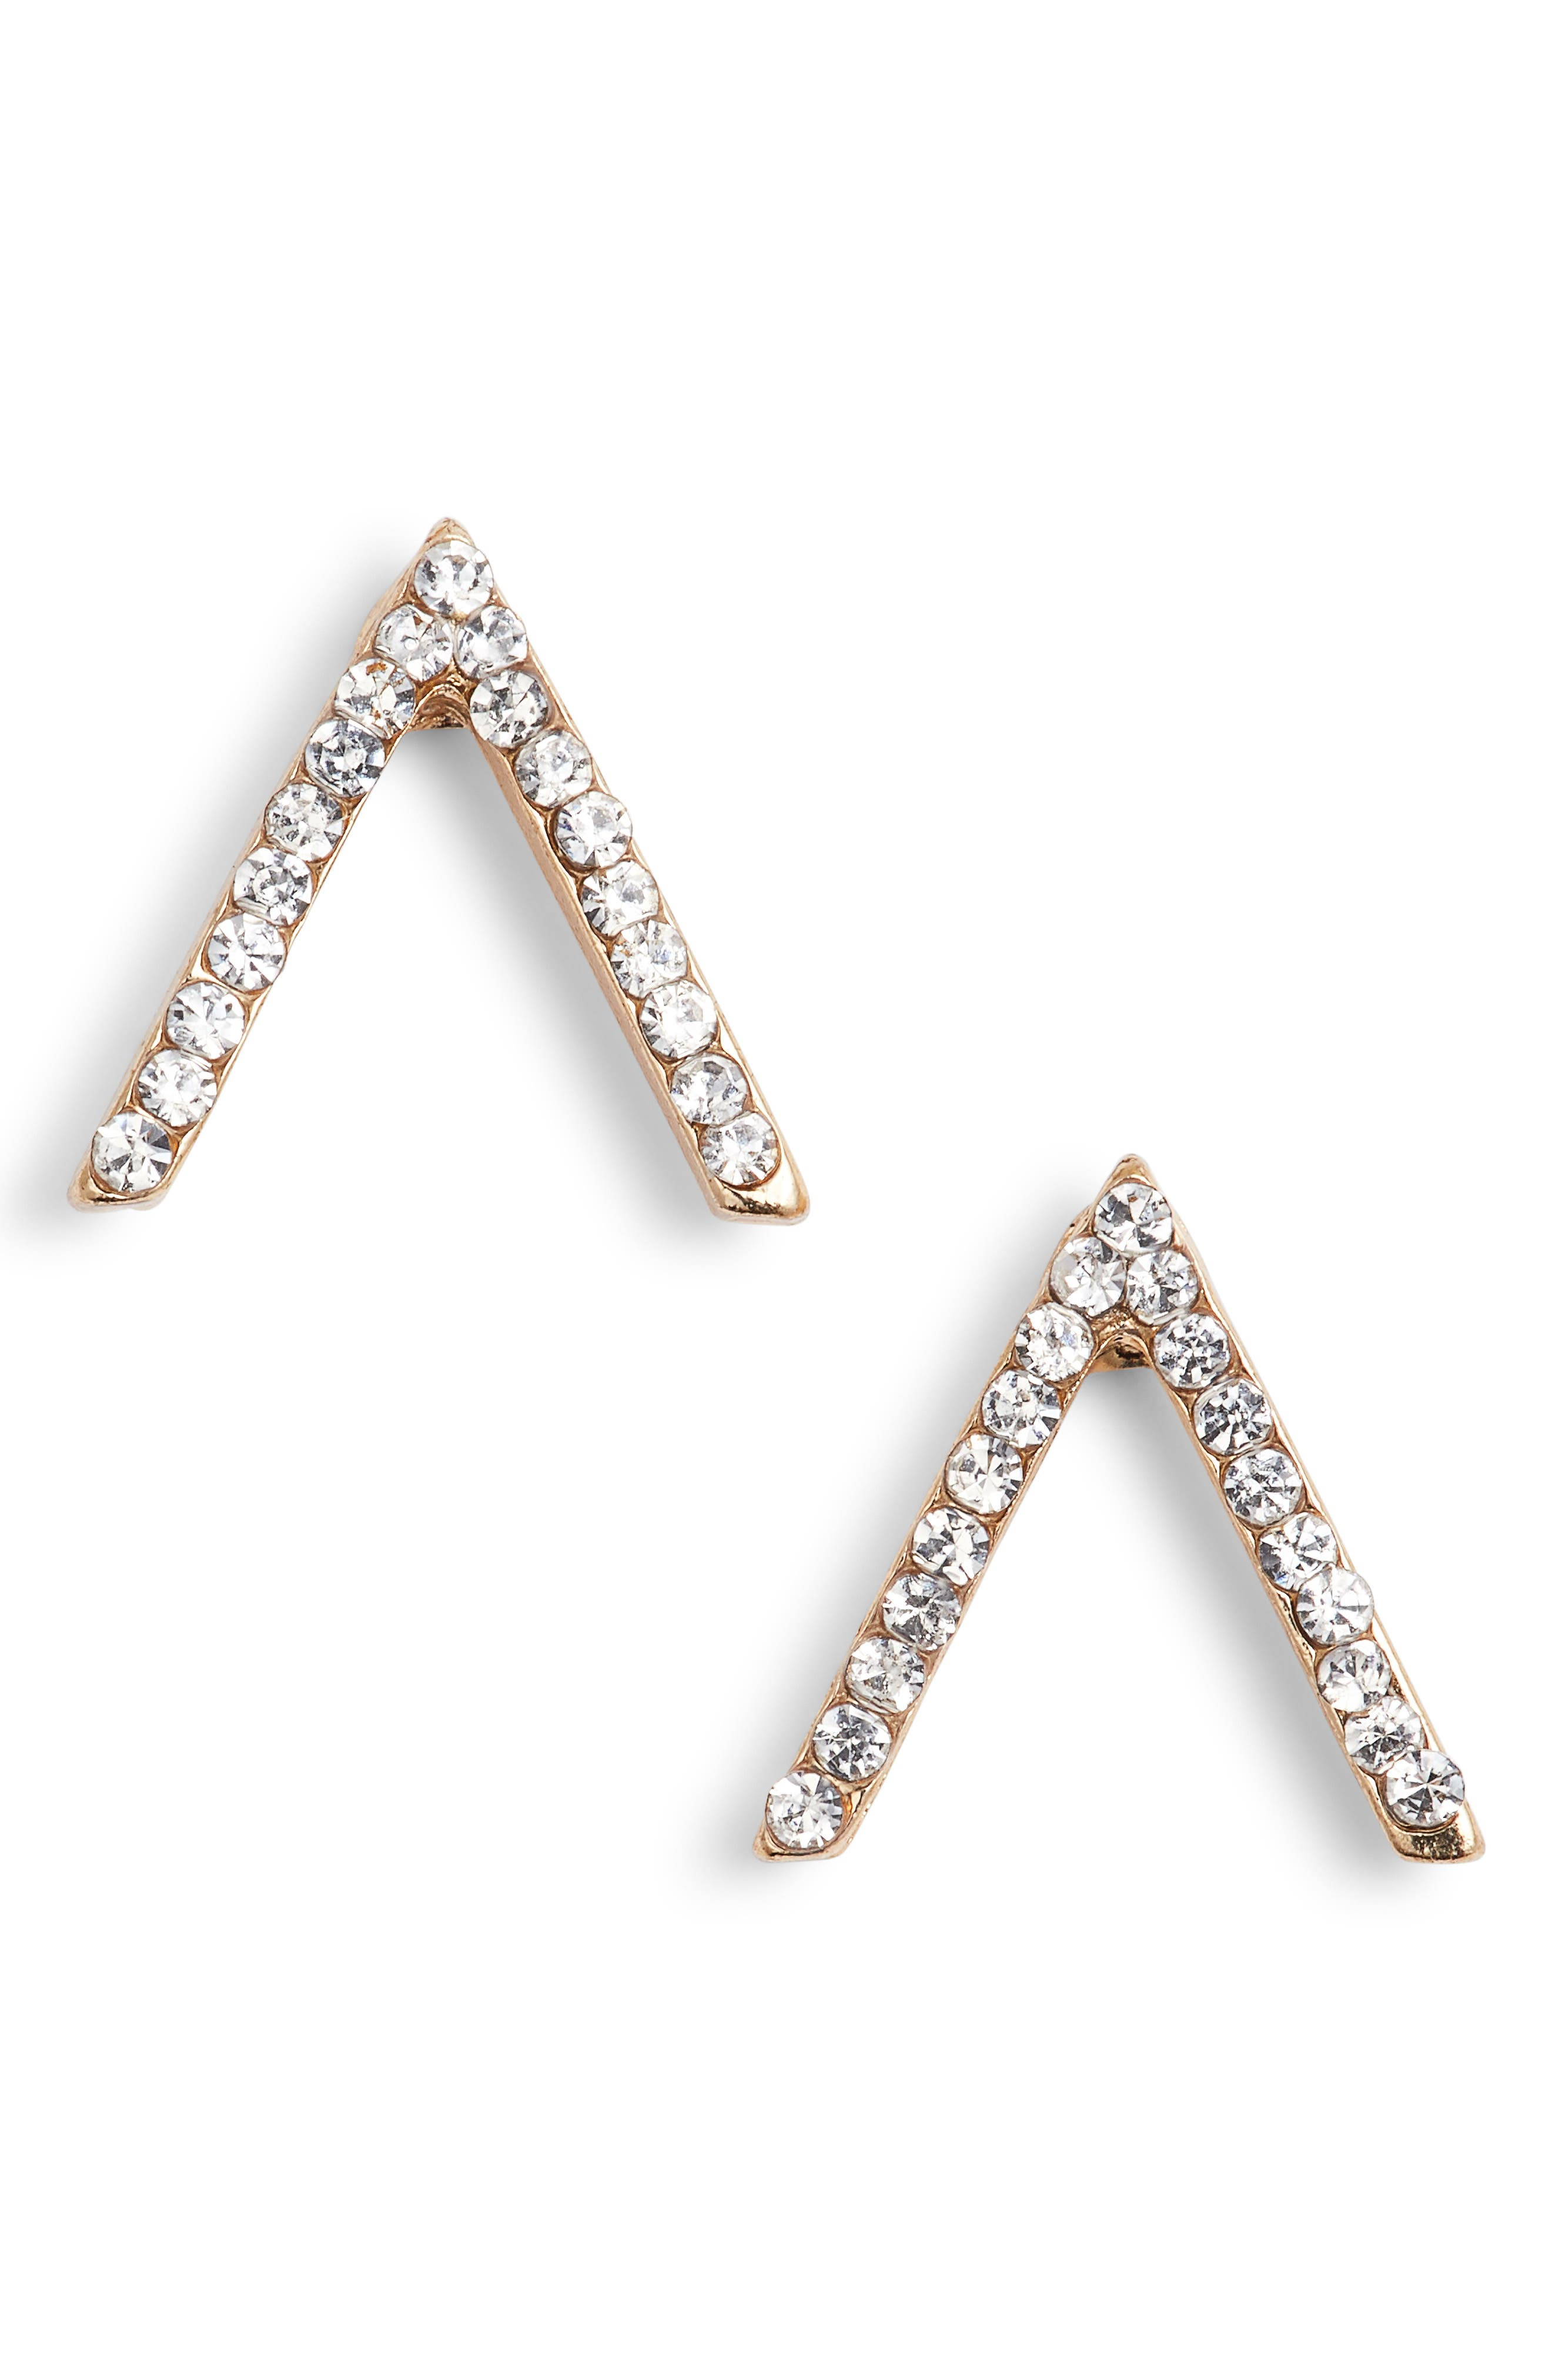 Crystal Chevron Stud Earrings,                             Main thumbnail 1, color,